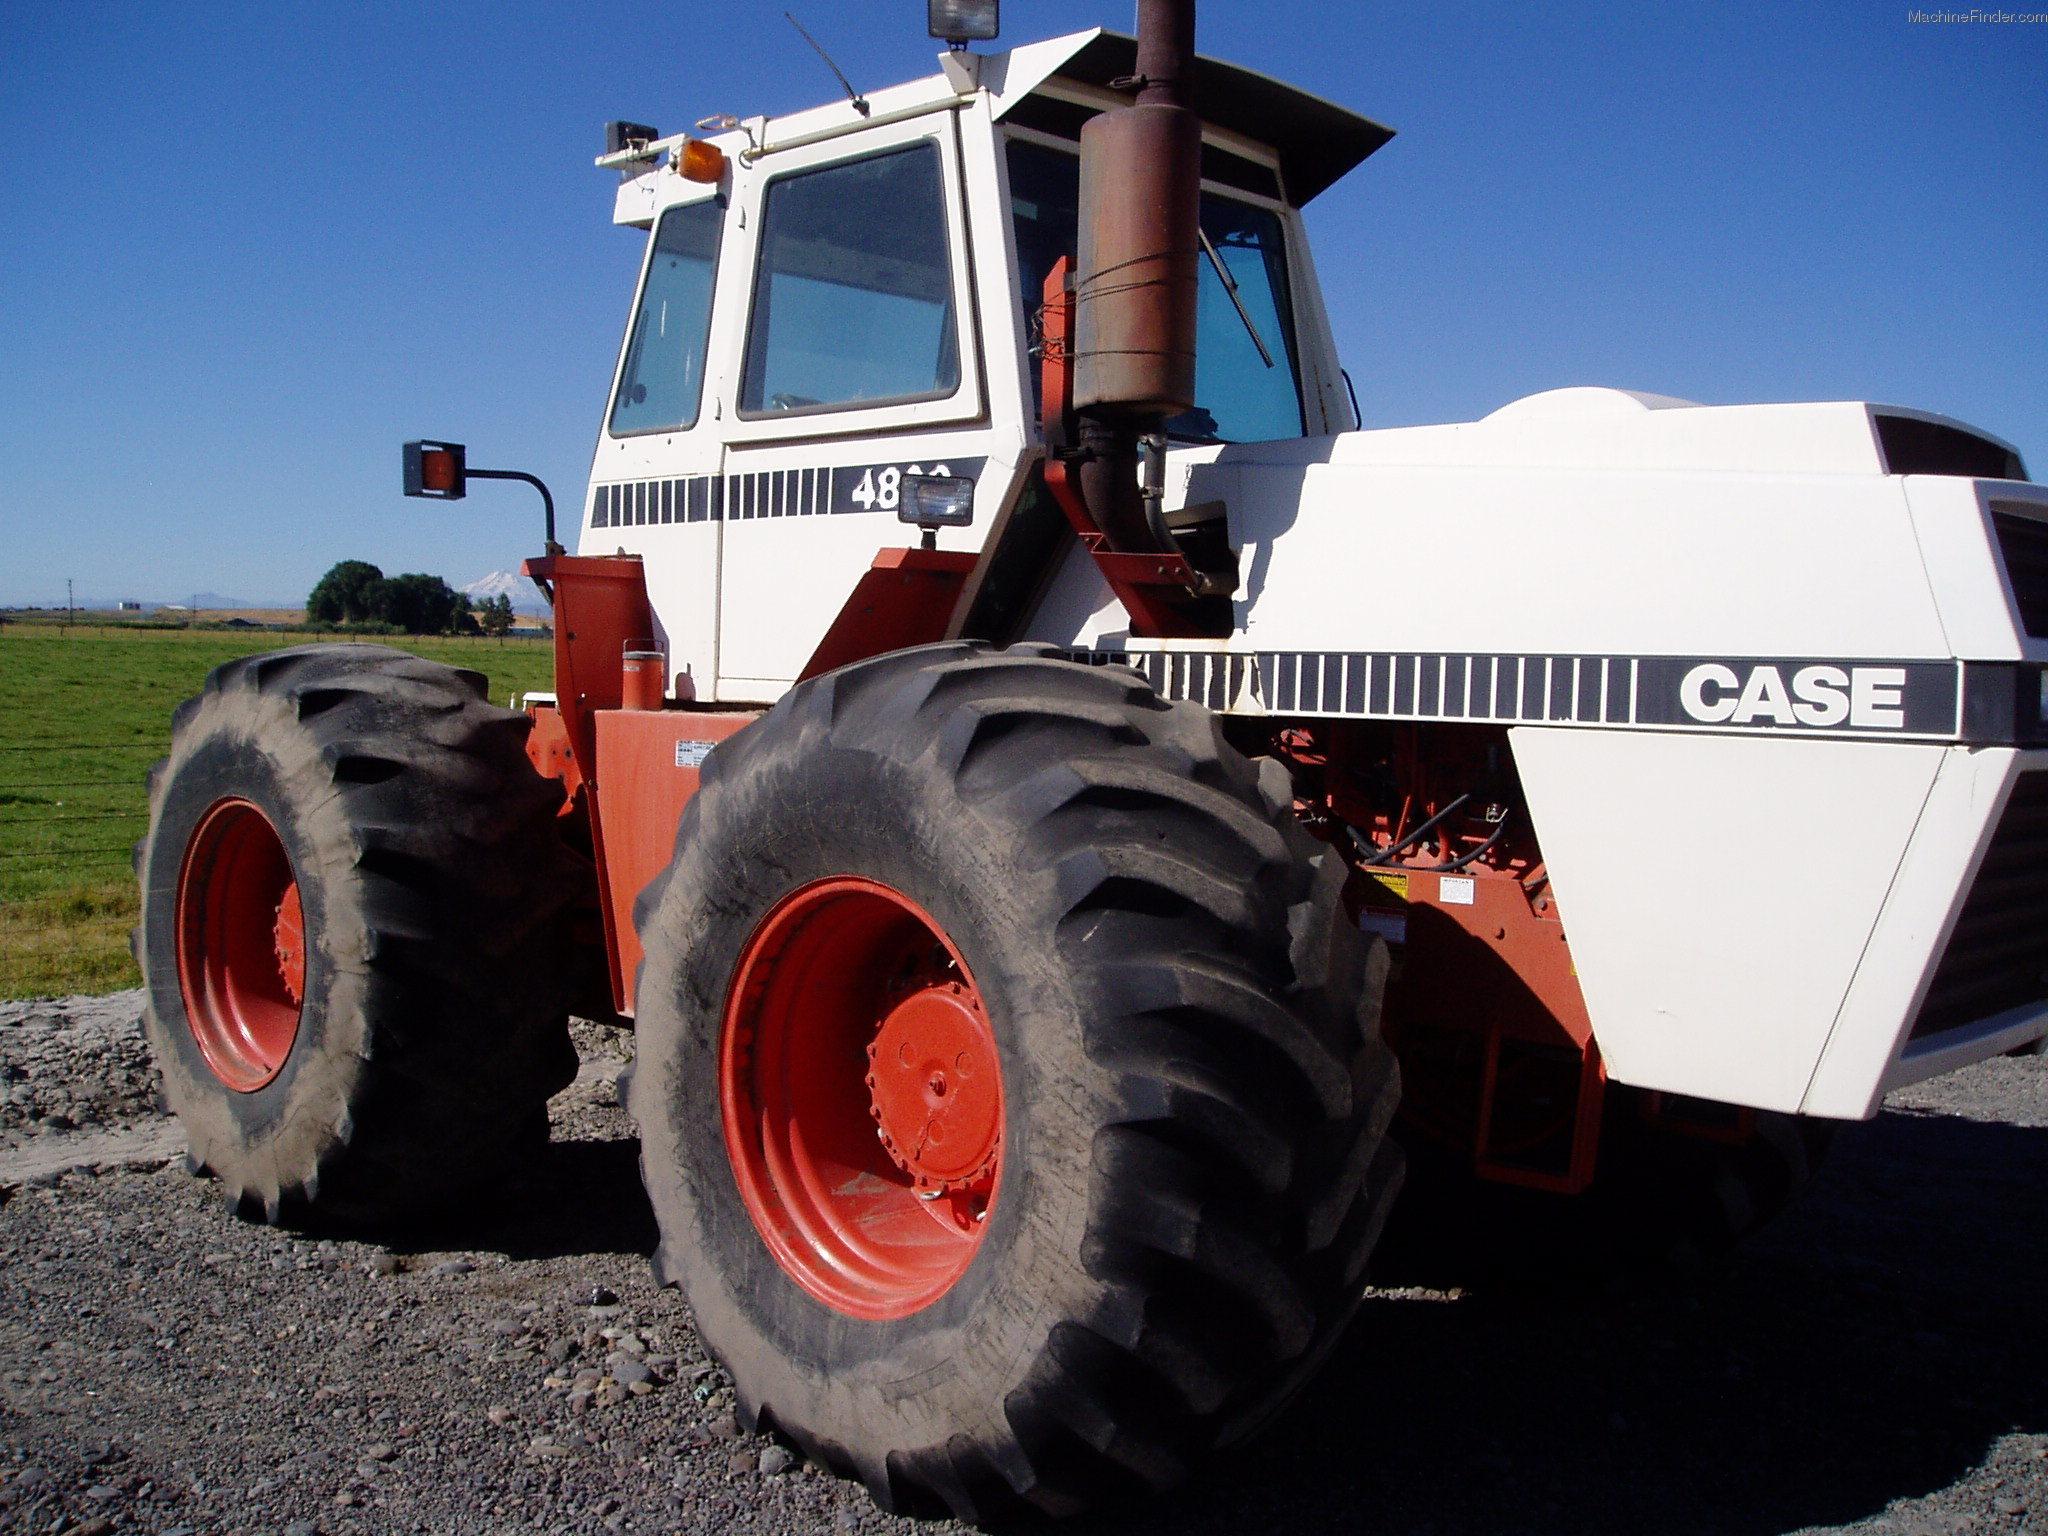 1982 Case Tractors : Case tractors row crop hp john deere